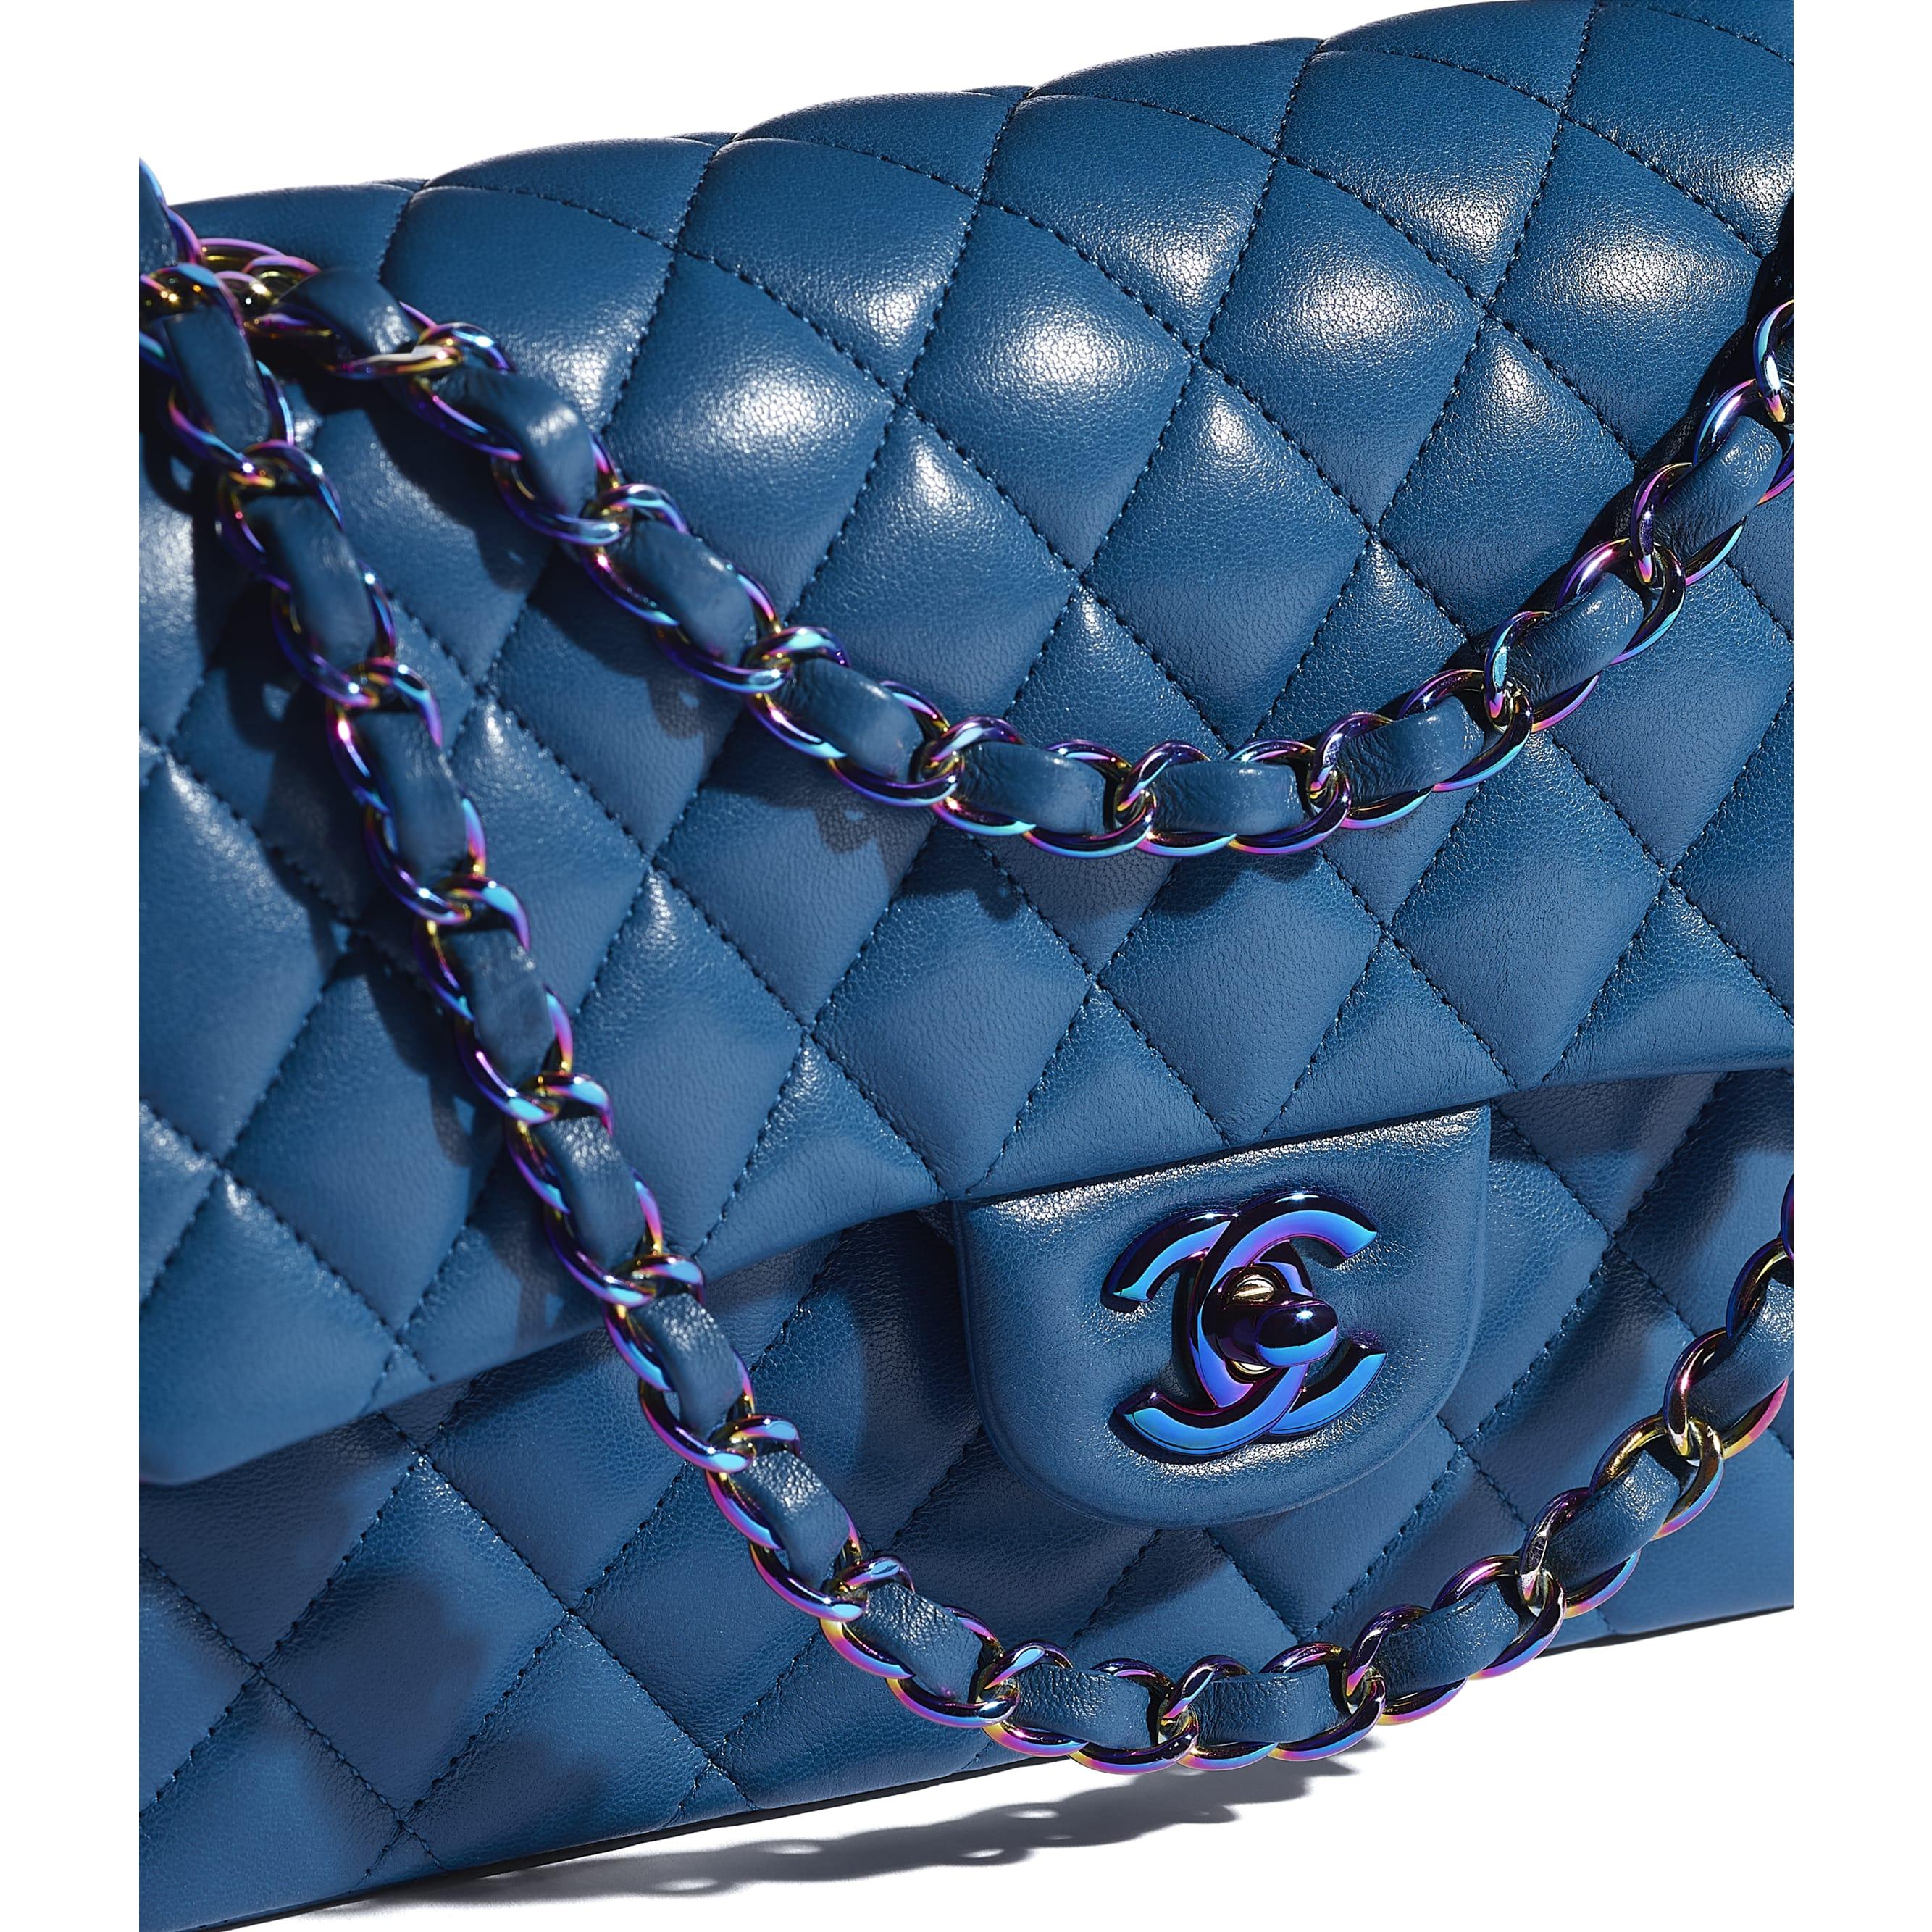 กระเป๋าสะพายคลาสสิก - สีฟ้า - หนังแกะและโลหะสีรุ้ง - CHANEL - มุมมองพิเศษ - ดูเวอร์ชันขนาดมาตรฐาน